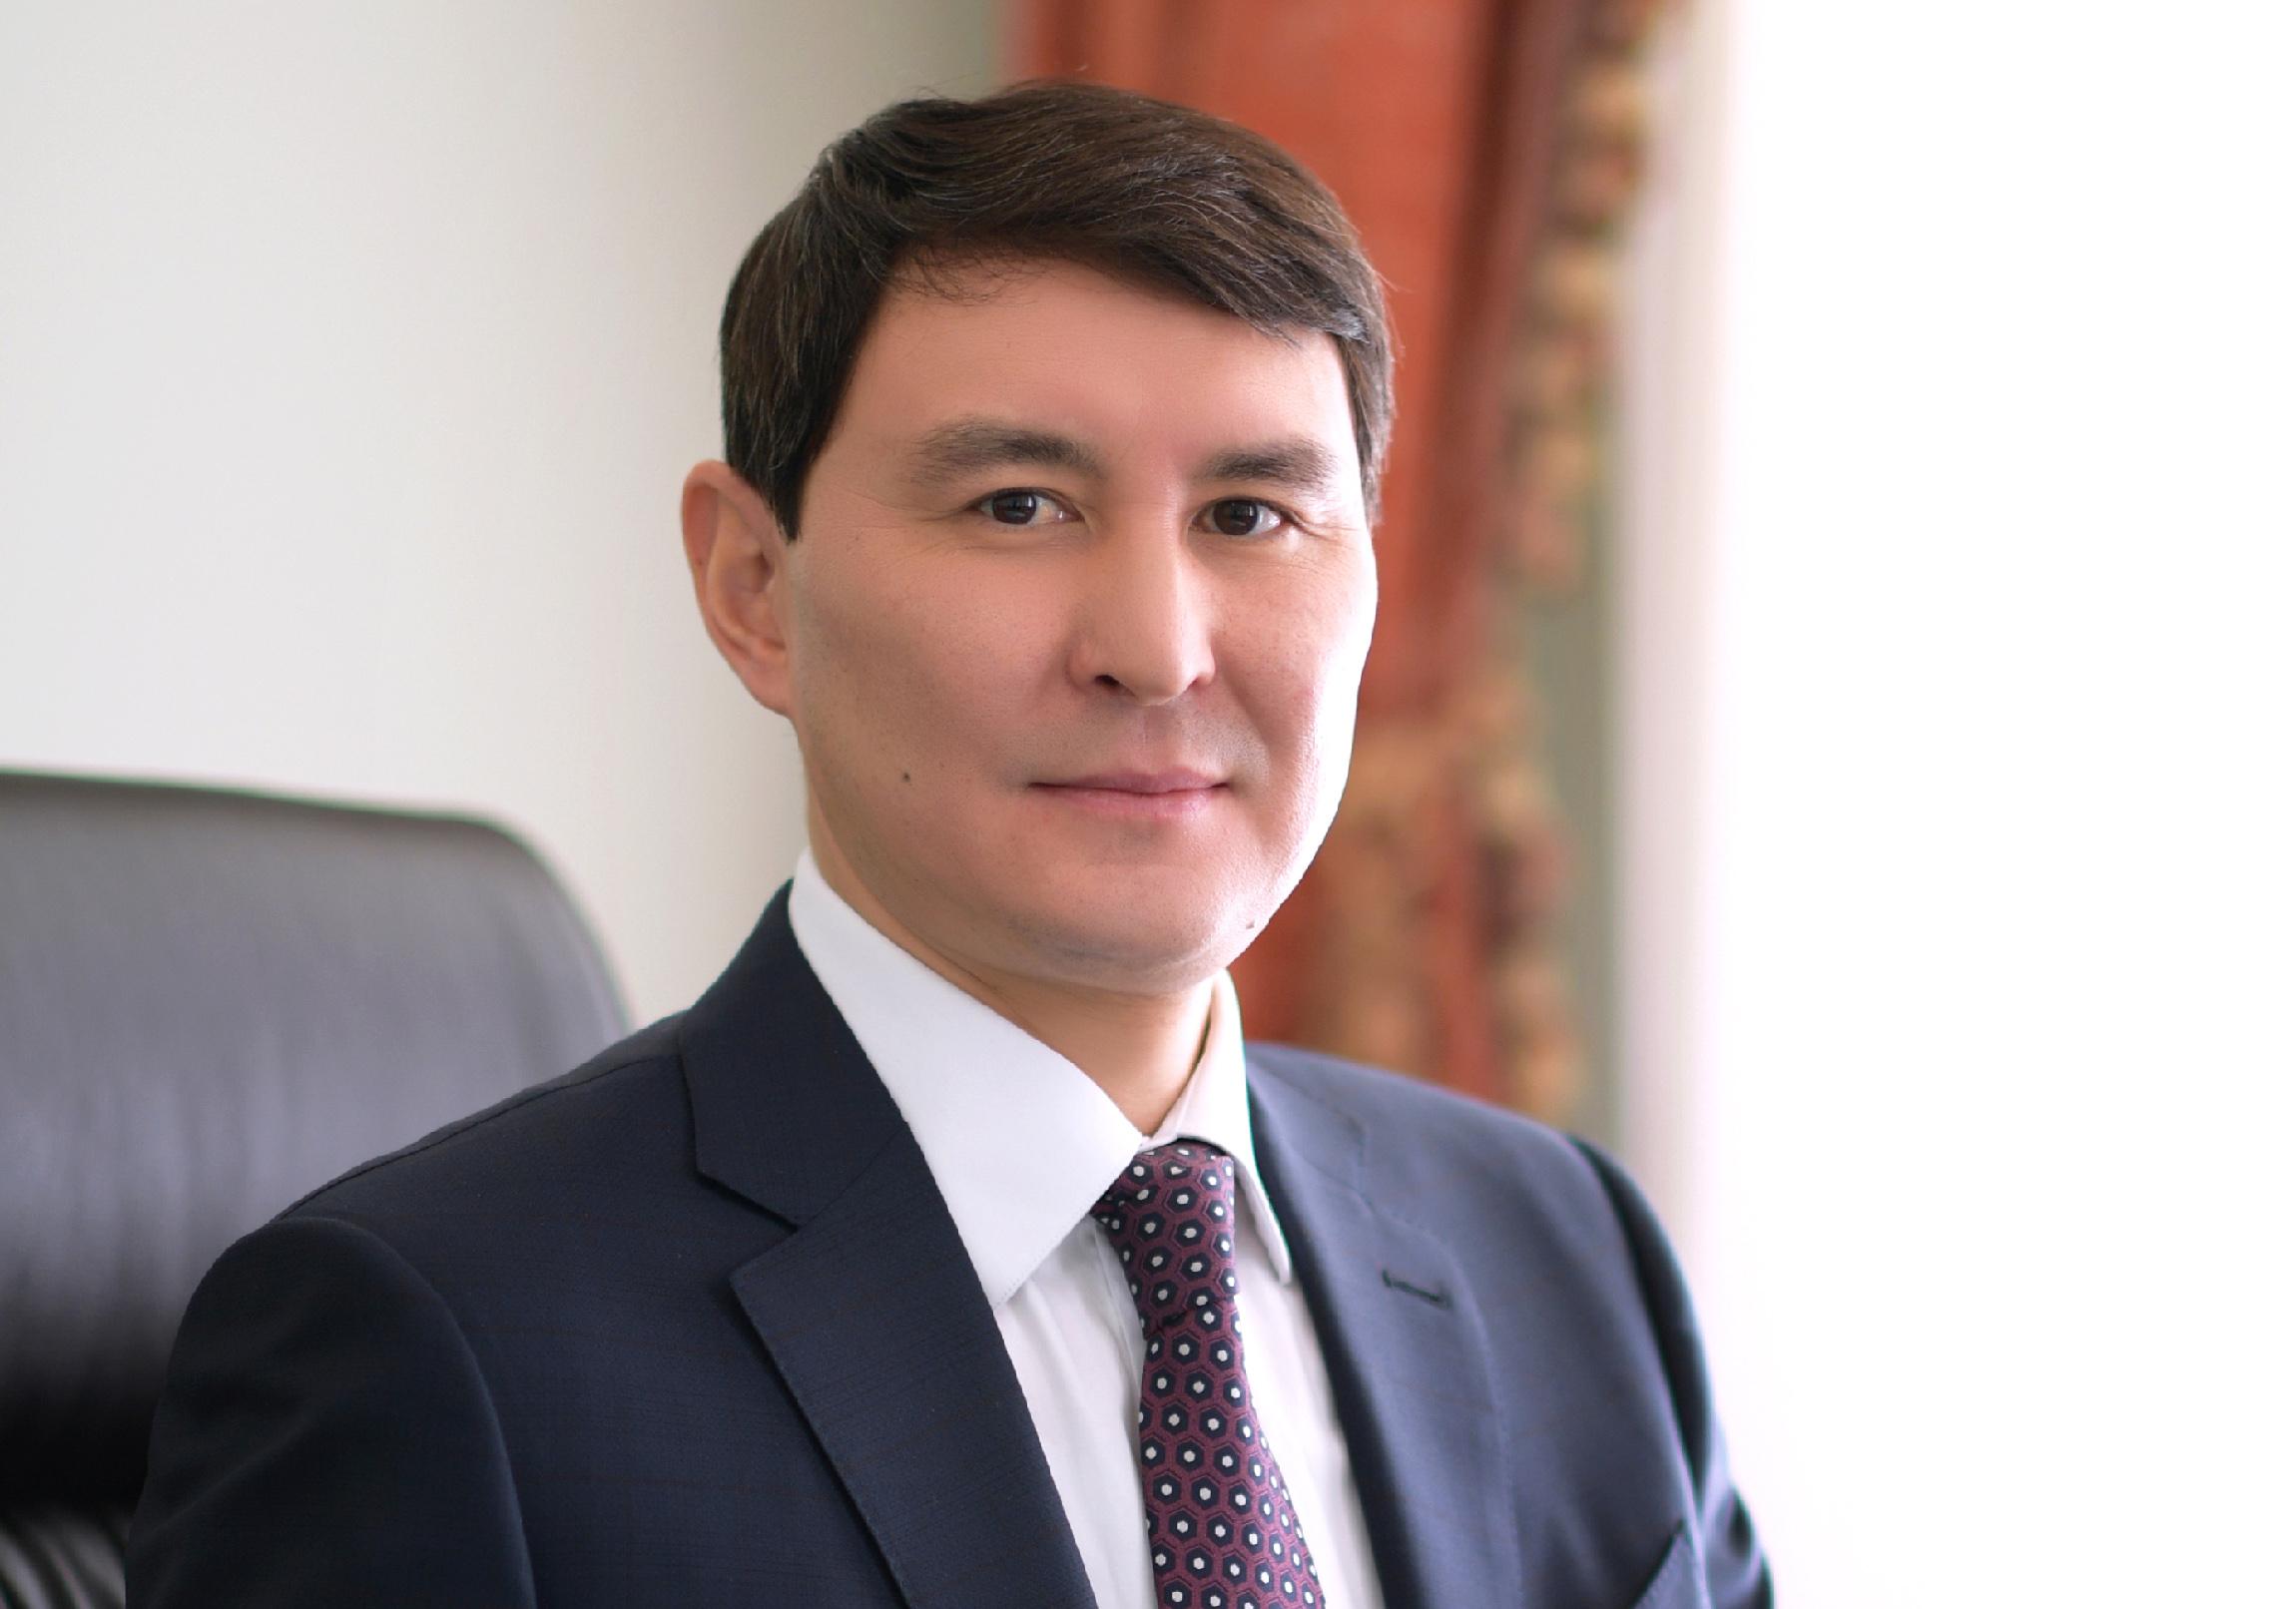 Досье: Жамаубаев Ерулан Кенжебекович, Ерулан Жамаубаев,Министерство финансов,досье, назначение , биография